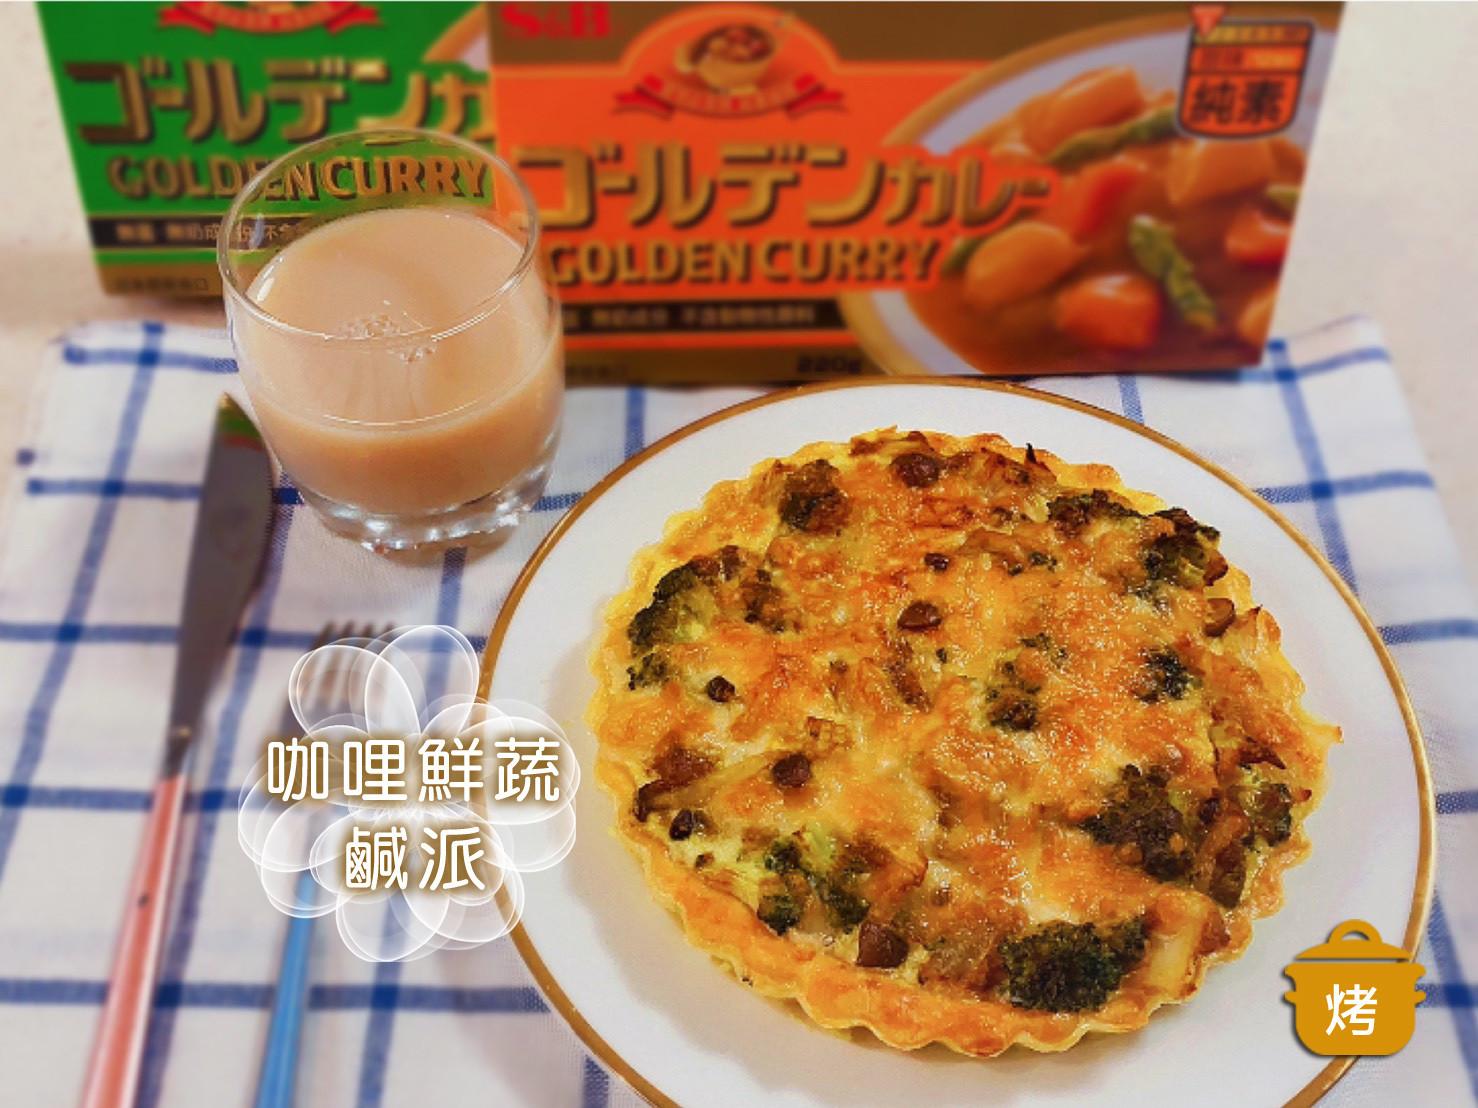 咖哩蔬菜鹹派 氣炸鍋【S&B金牌咖哩塊】